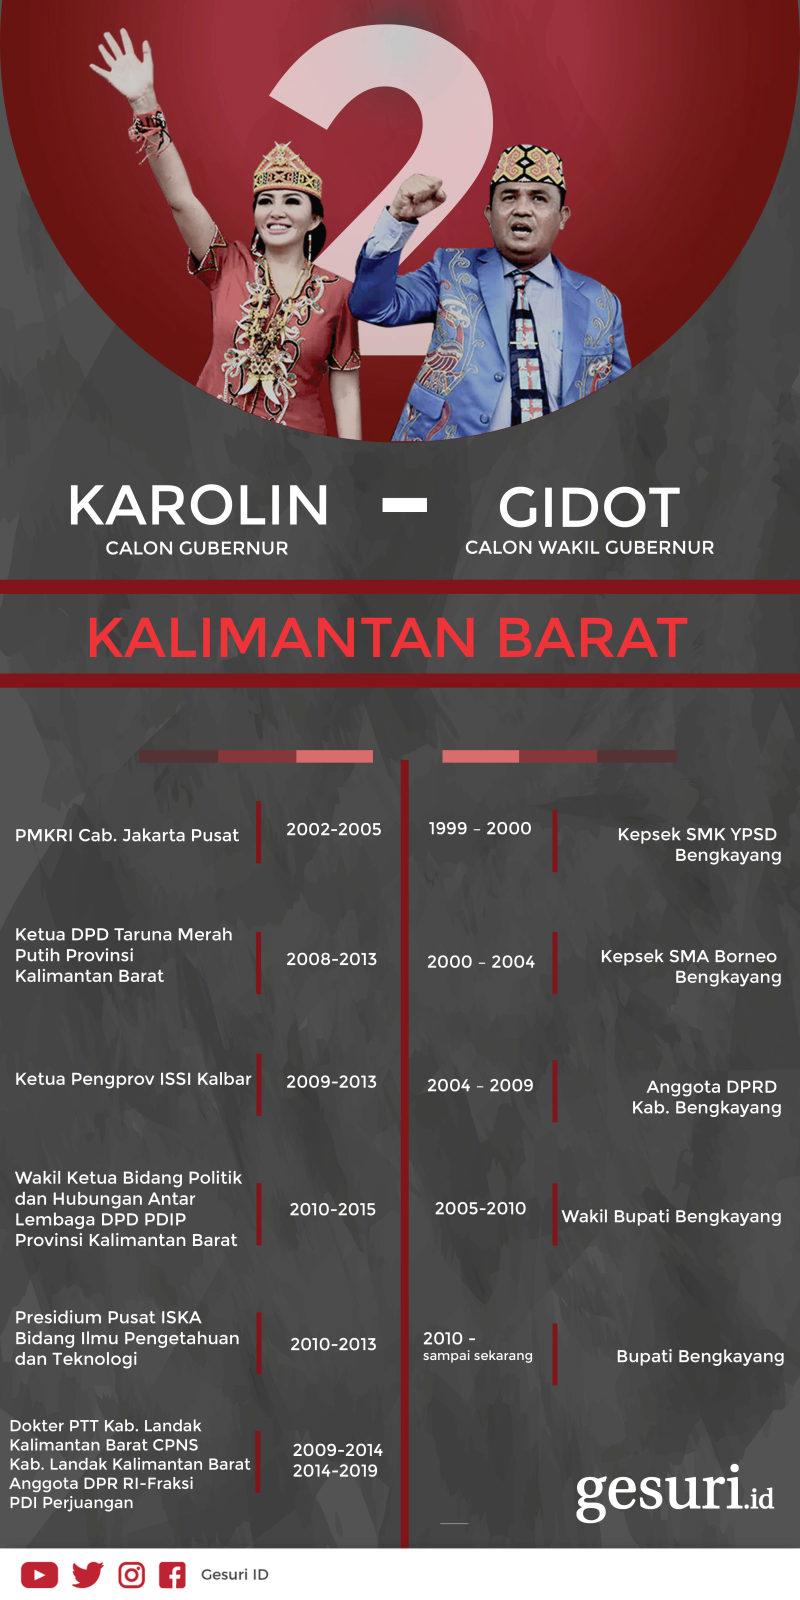 Mengenal Lebih Dekat Karolin-Gidot